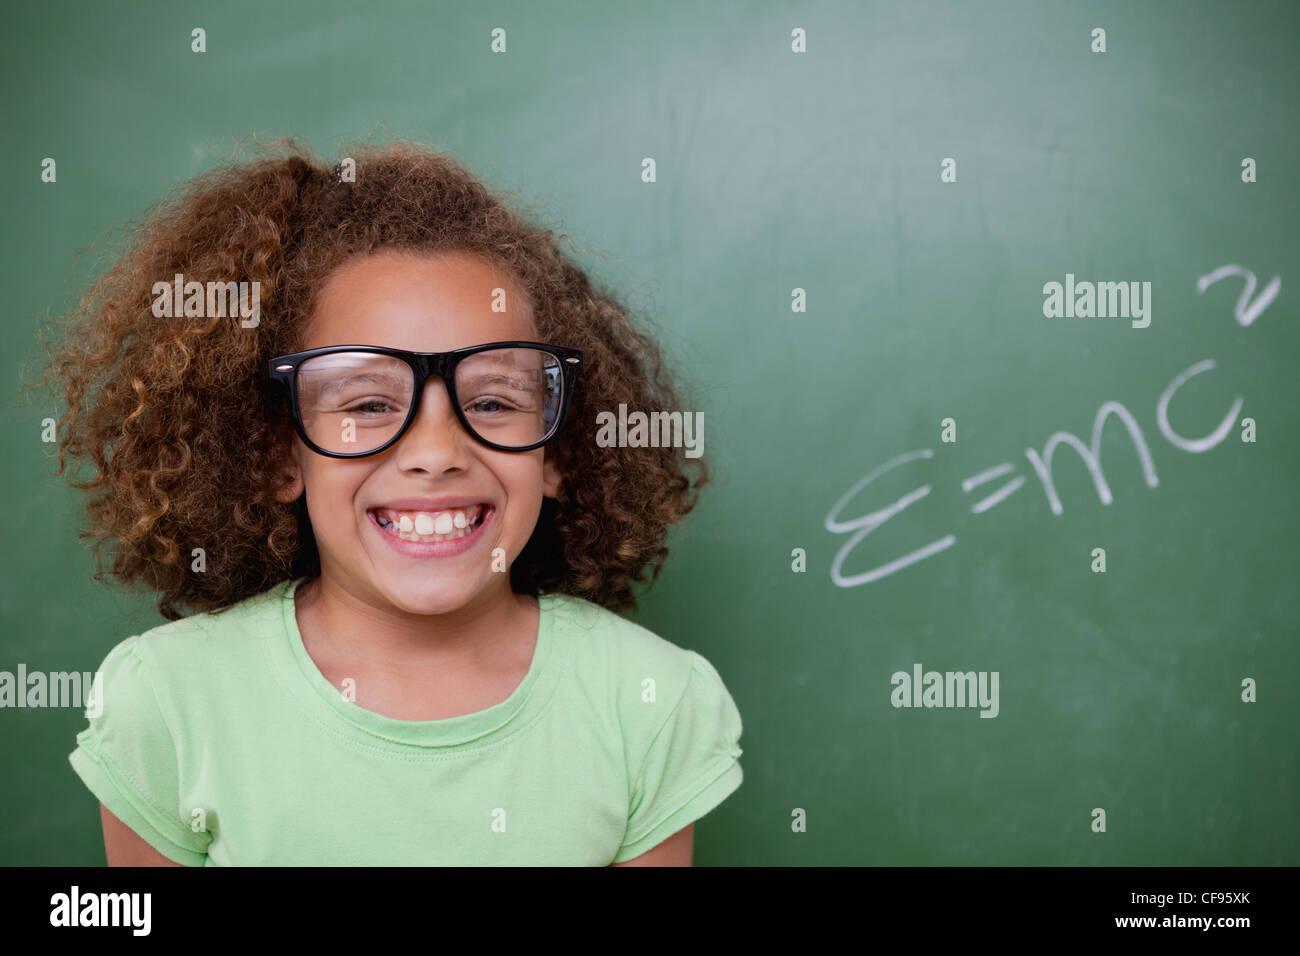 Schulmädchen posiert mit der Masse – Energie-Äquivalenz Formel Stockfoto